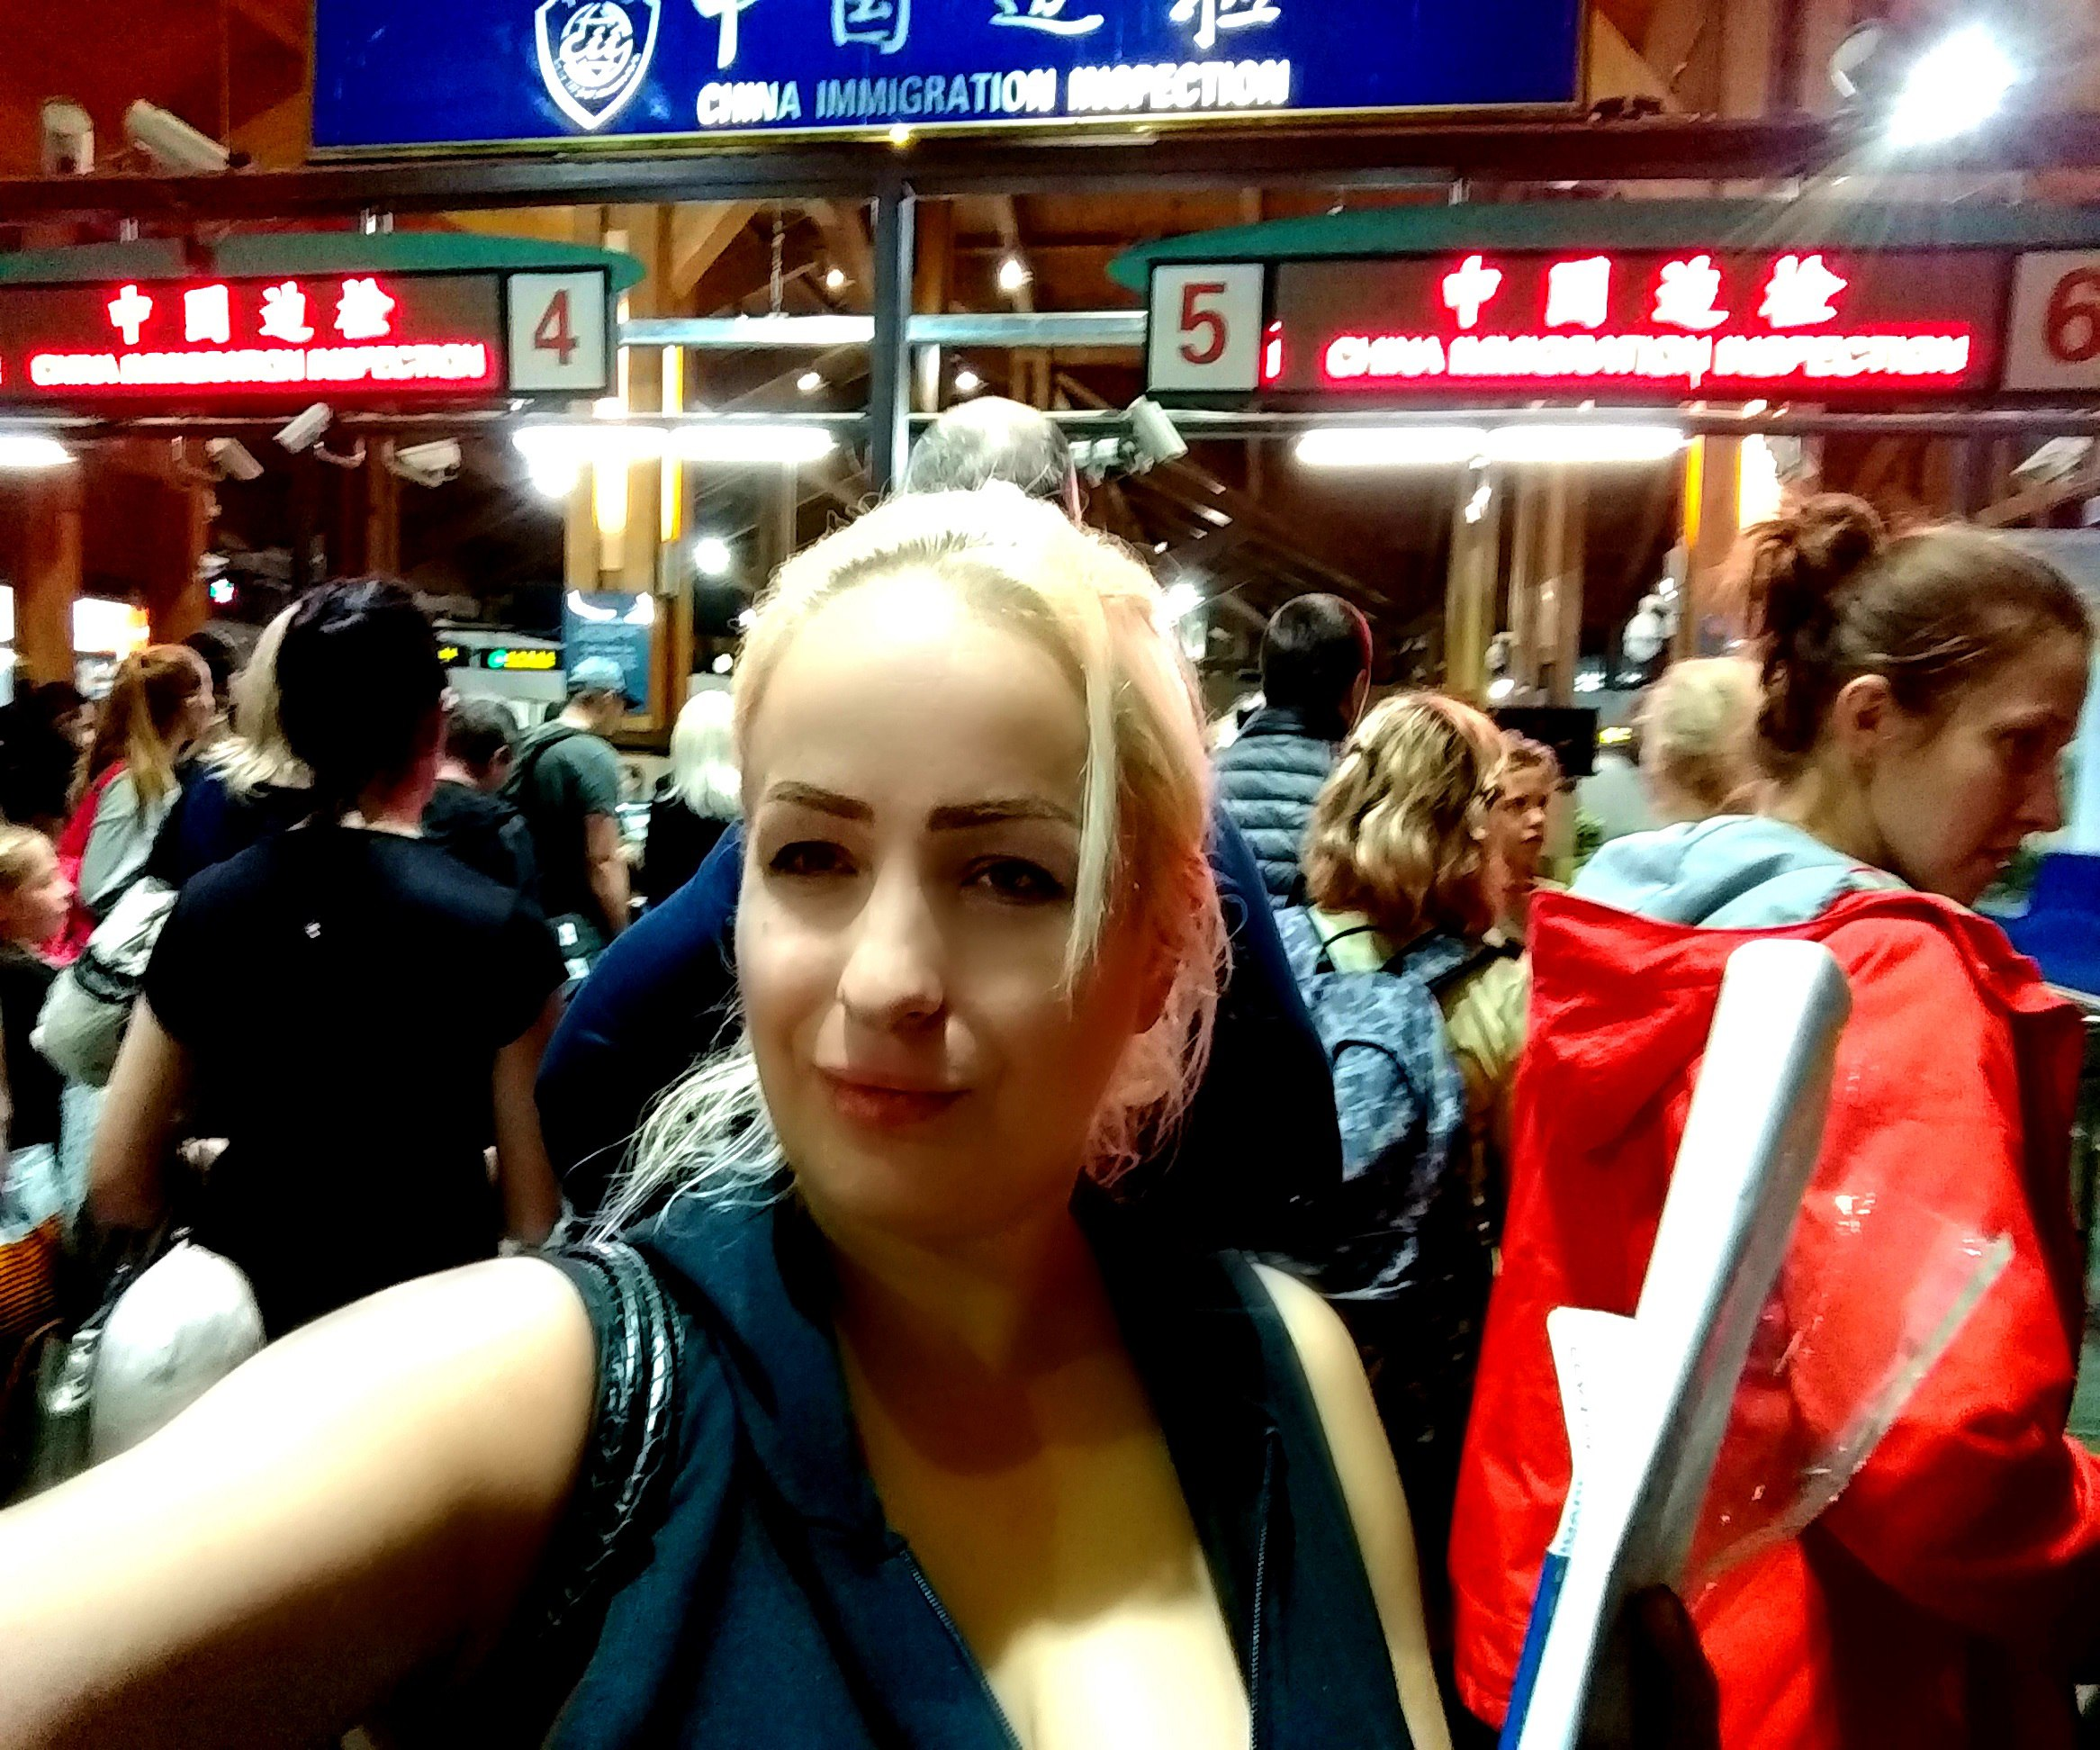 Елена Руденко (Валтея). Китай, о.Хайнань, г.Санья. (фото) J9lBcPf47Fw